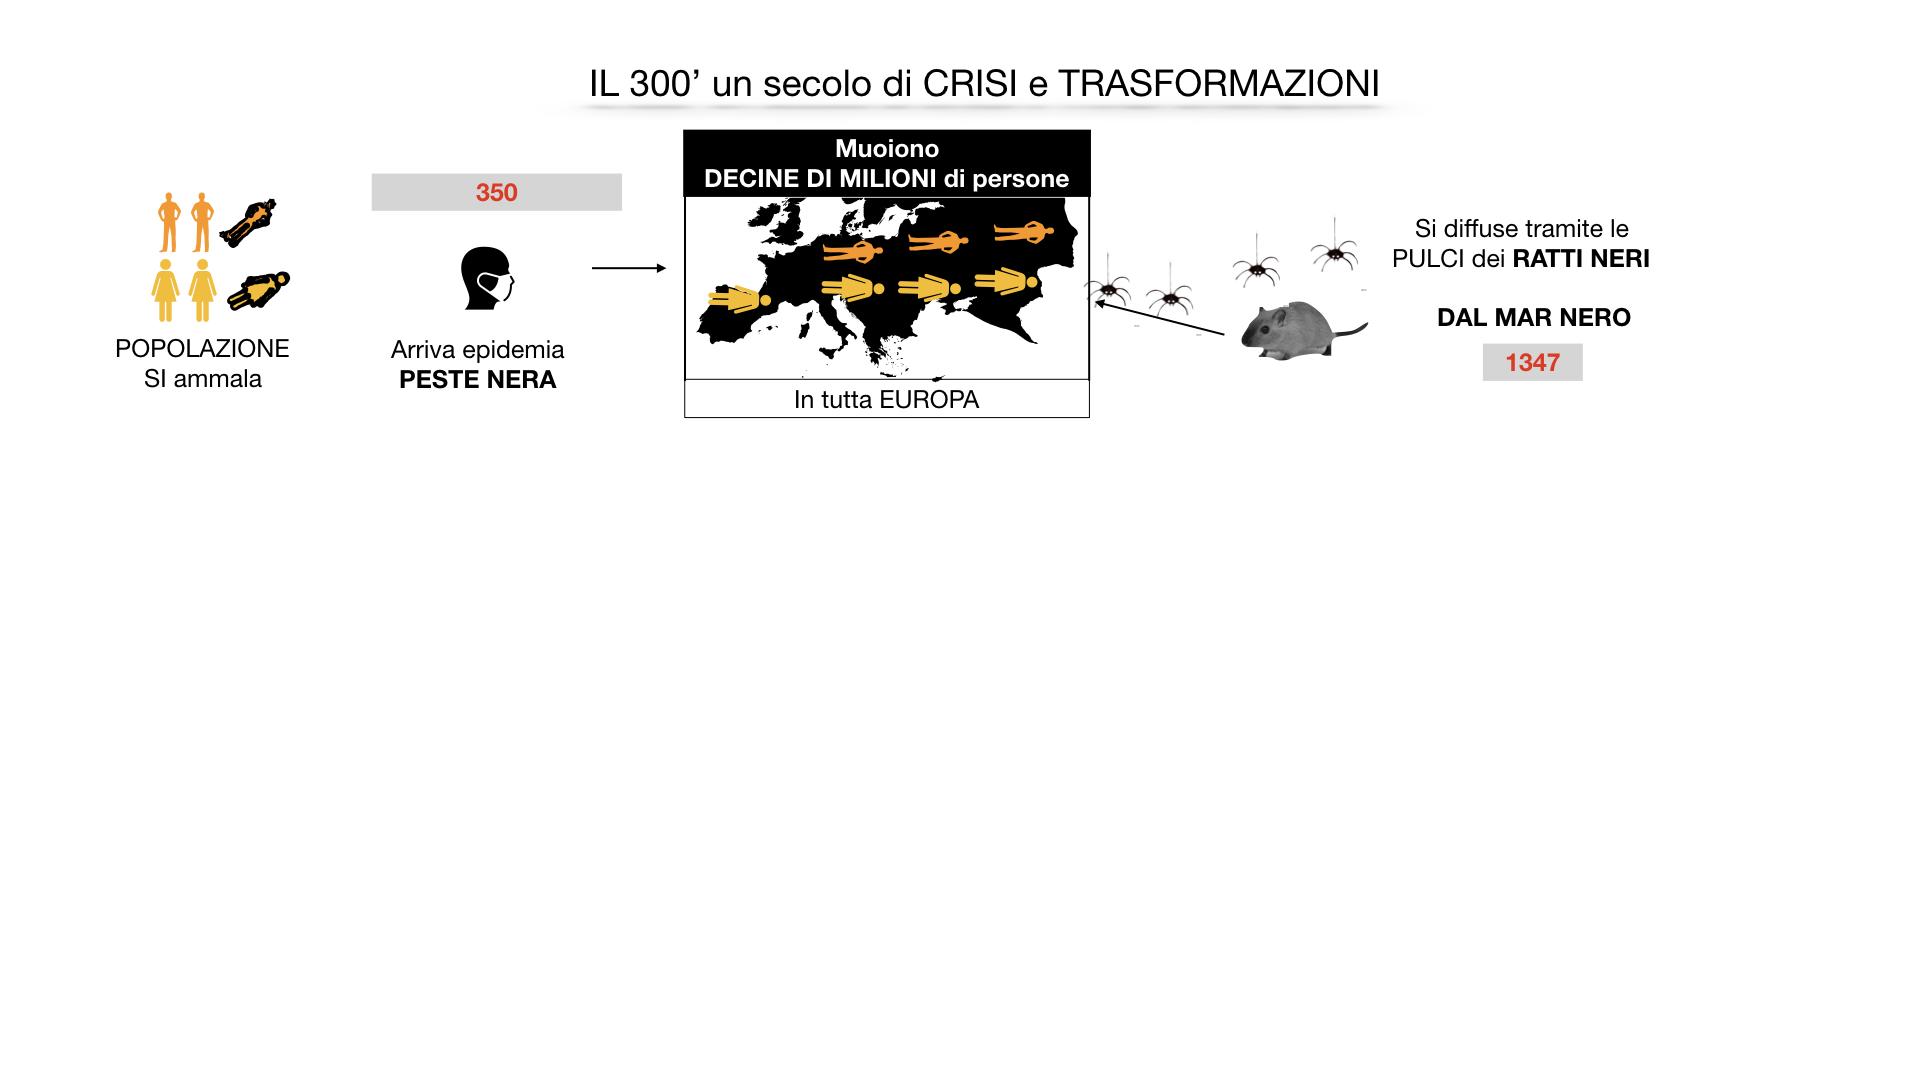 il 300 crisi e trasformazioni_ SIMULAZIONE.022